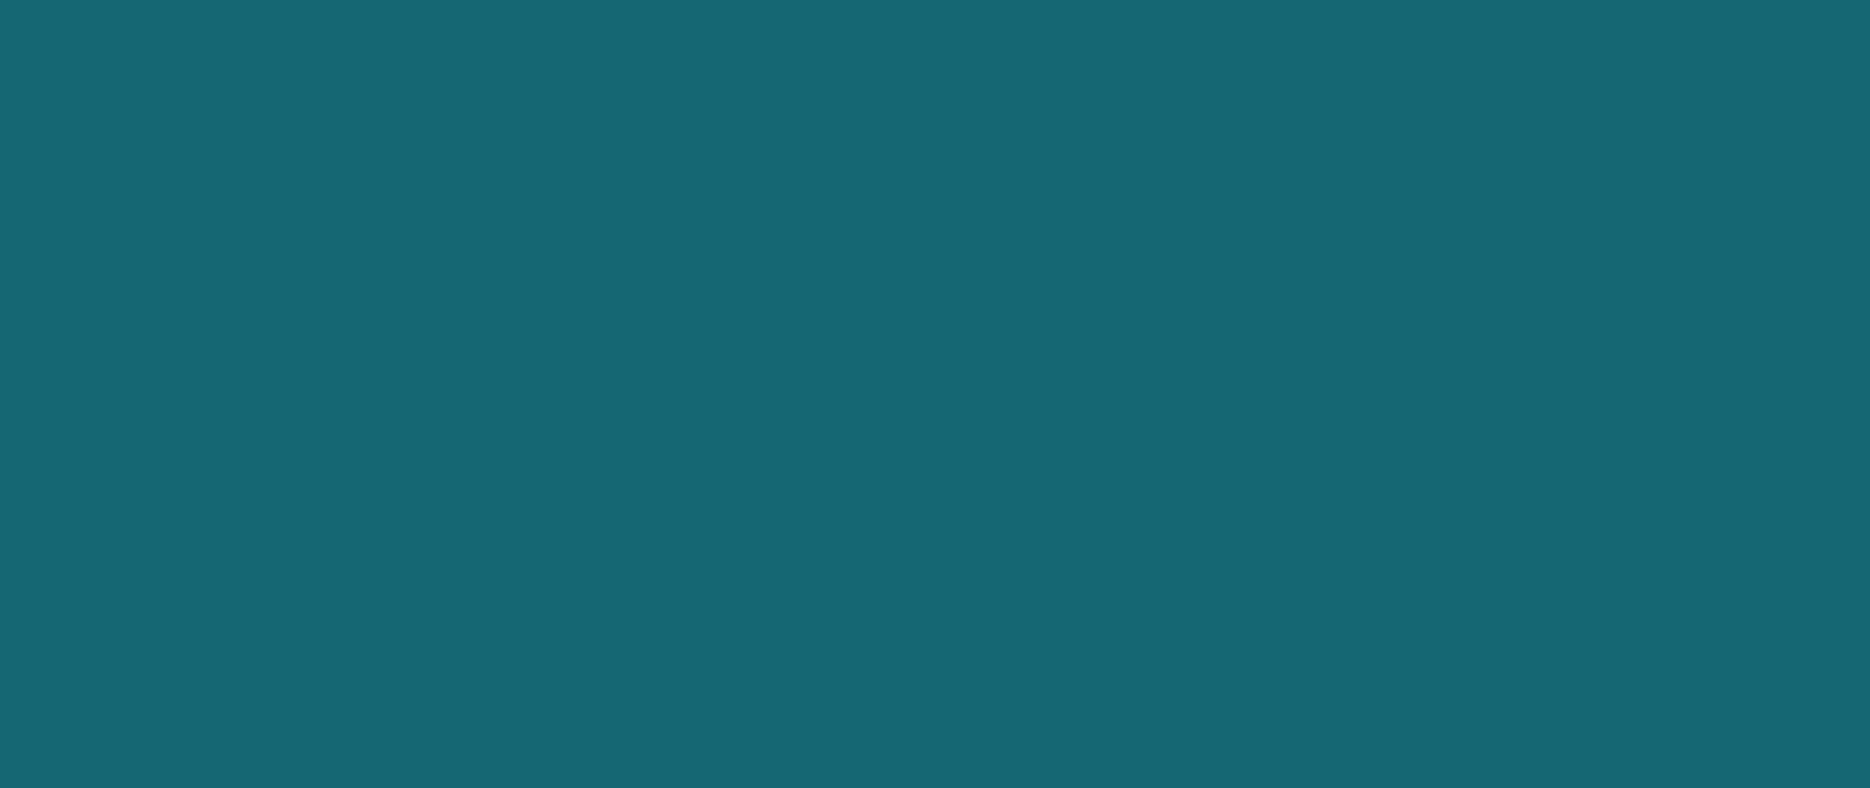 Progettare e costruire: due anime nel nuovo logo di Stancanelli